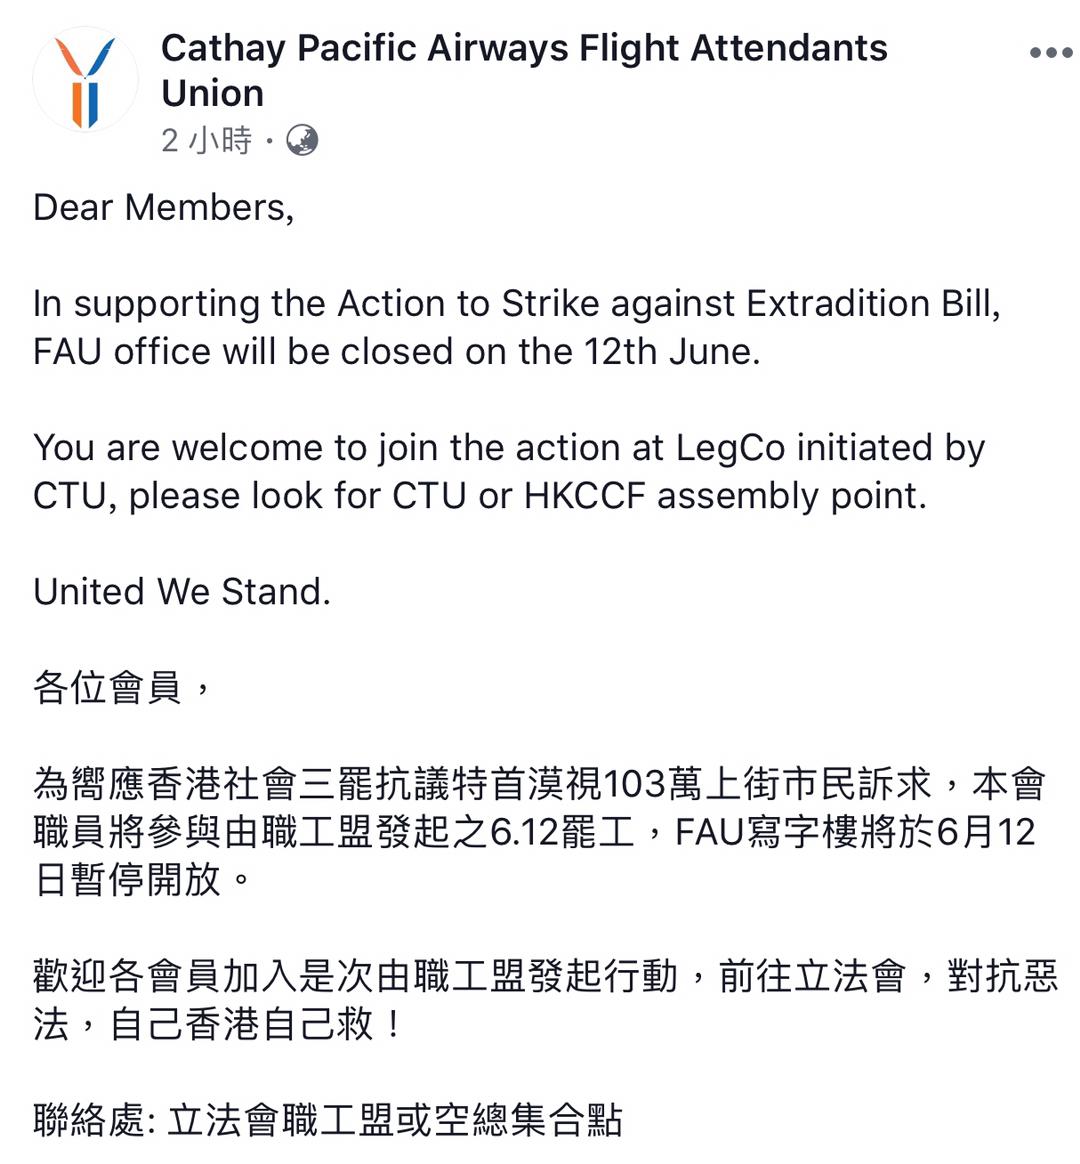 [爆卦] 香港6/12 國泰工會宣布罷工